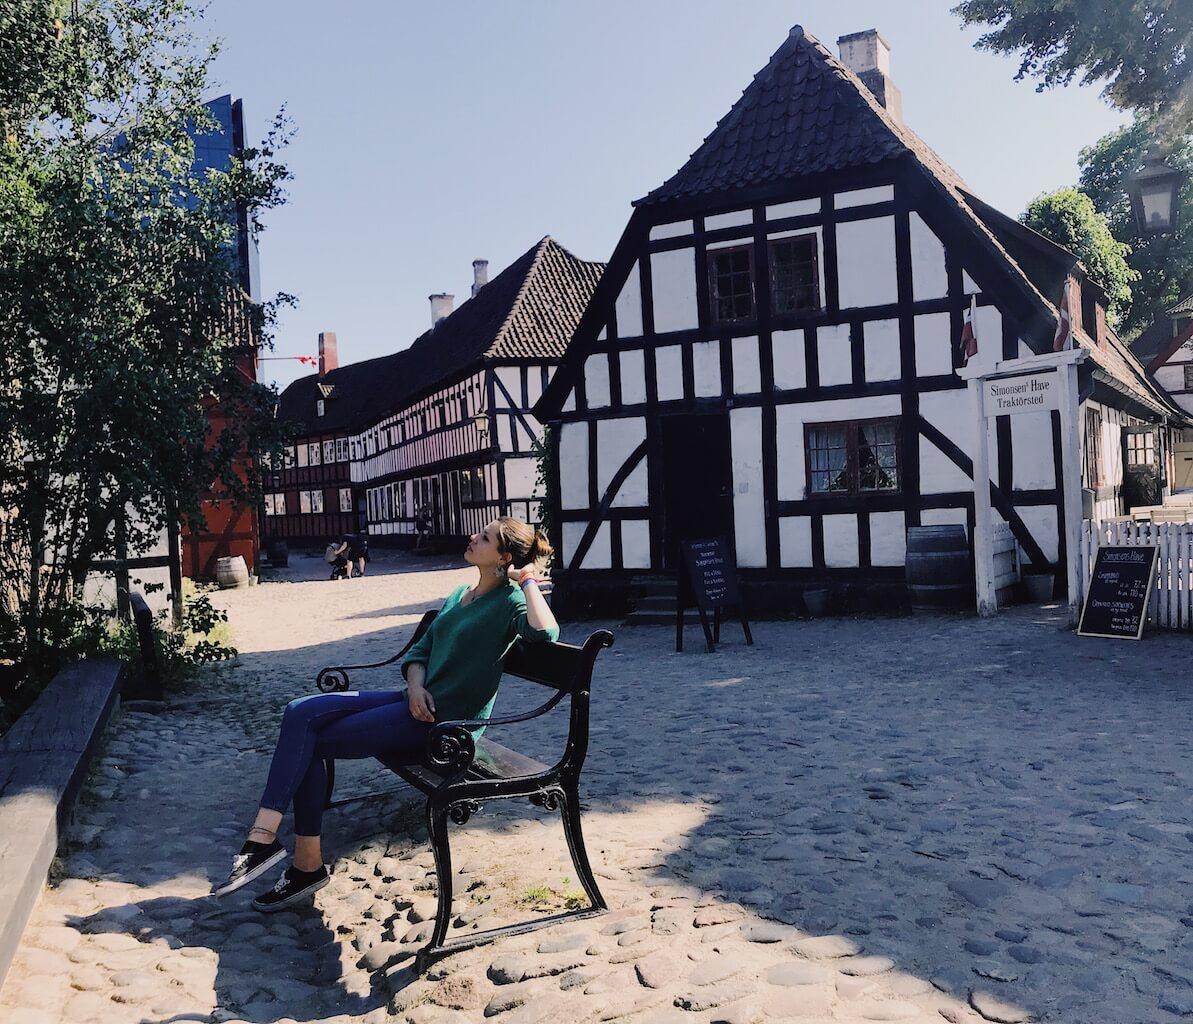 den gamle by aarhus